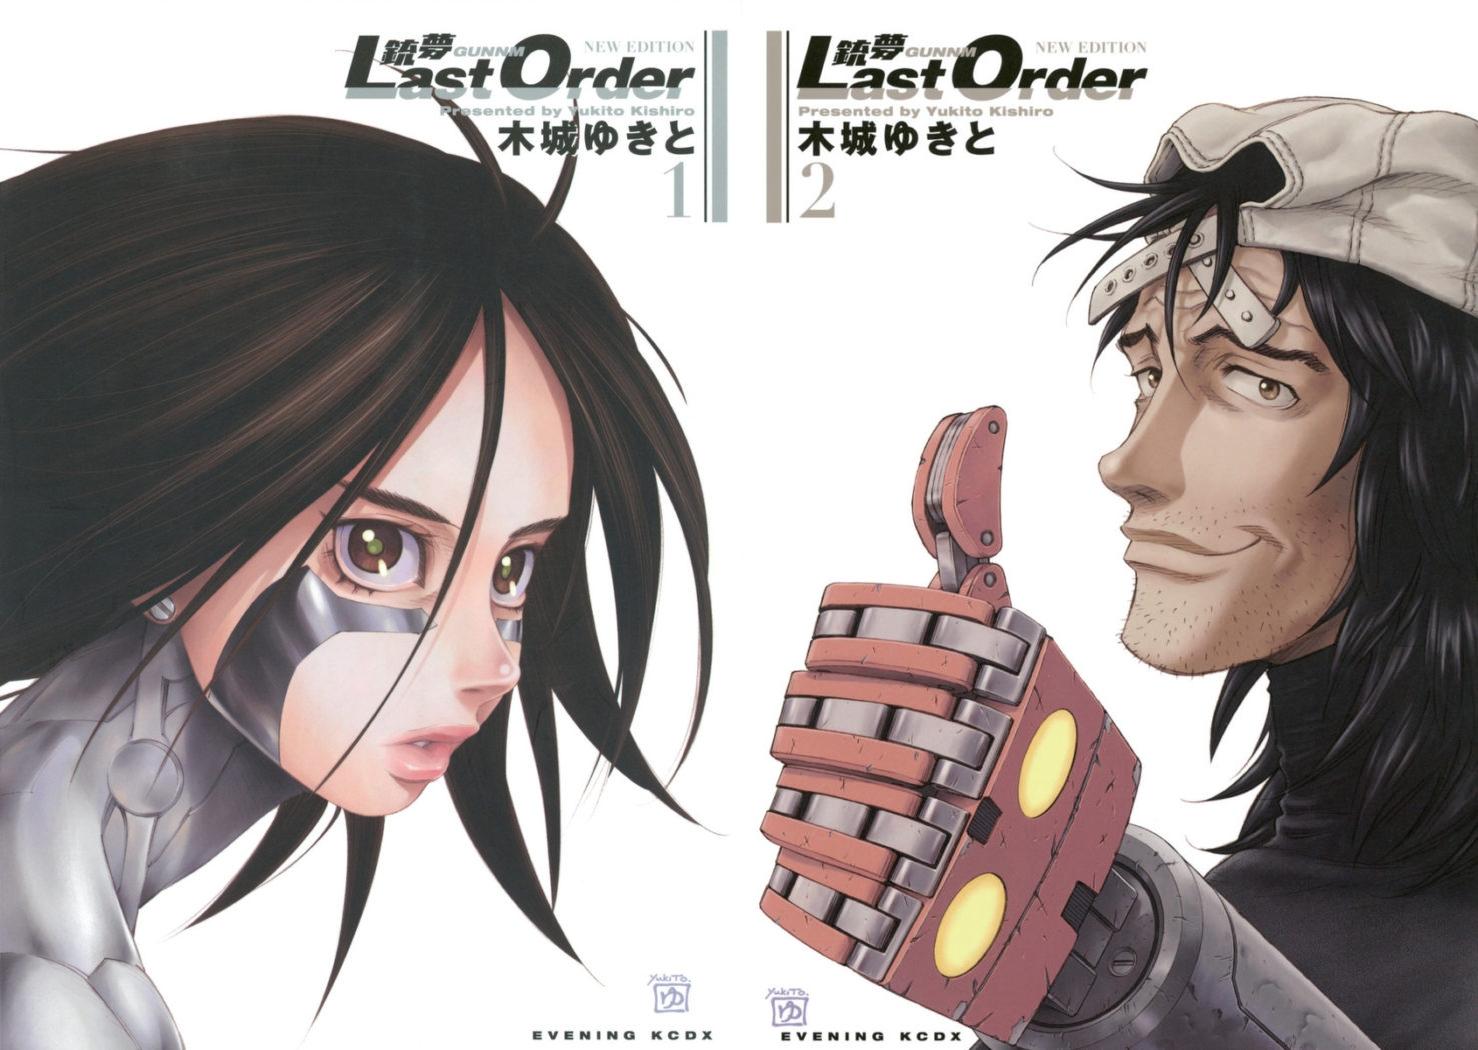 Une nouvelle édition de Gunnm Last Order débarque chez